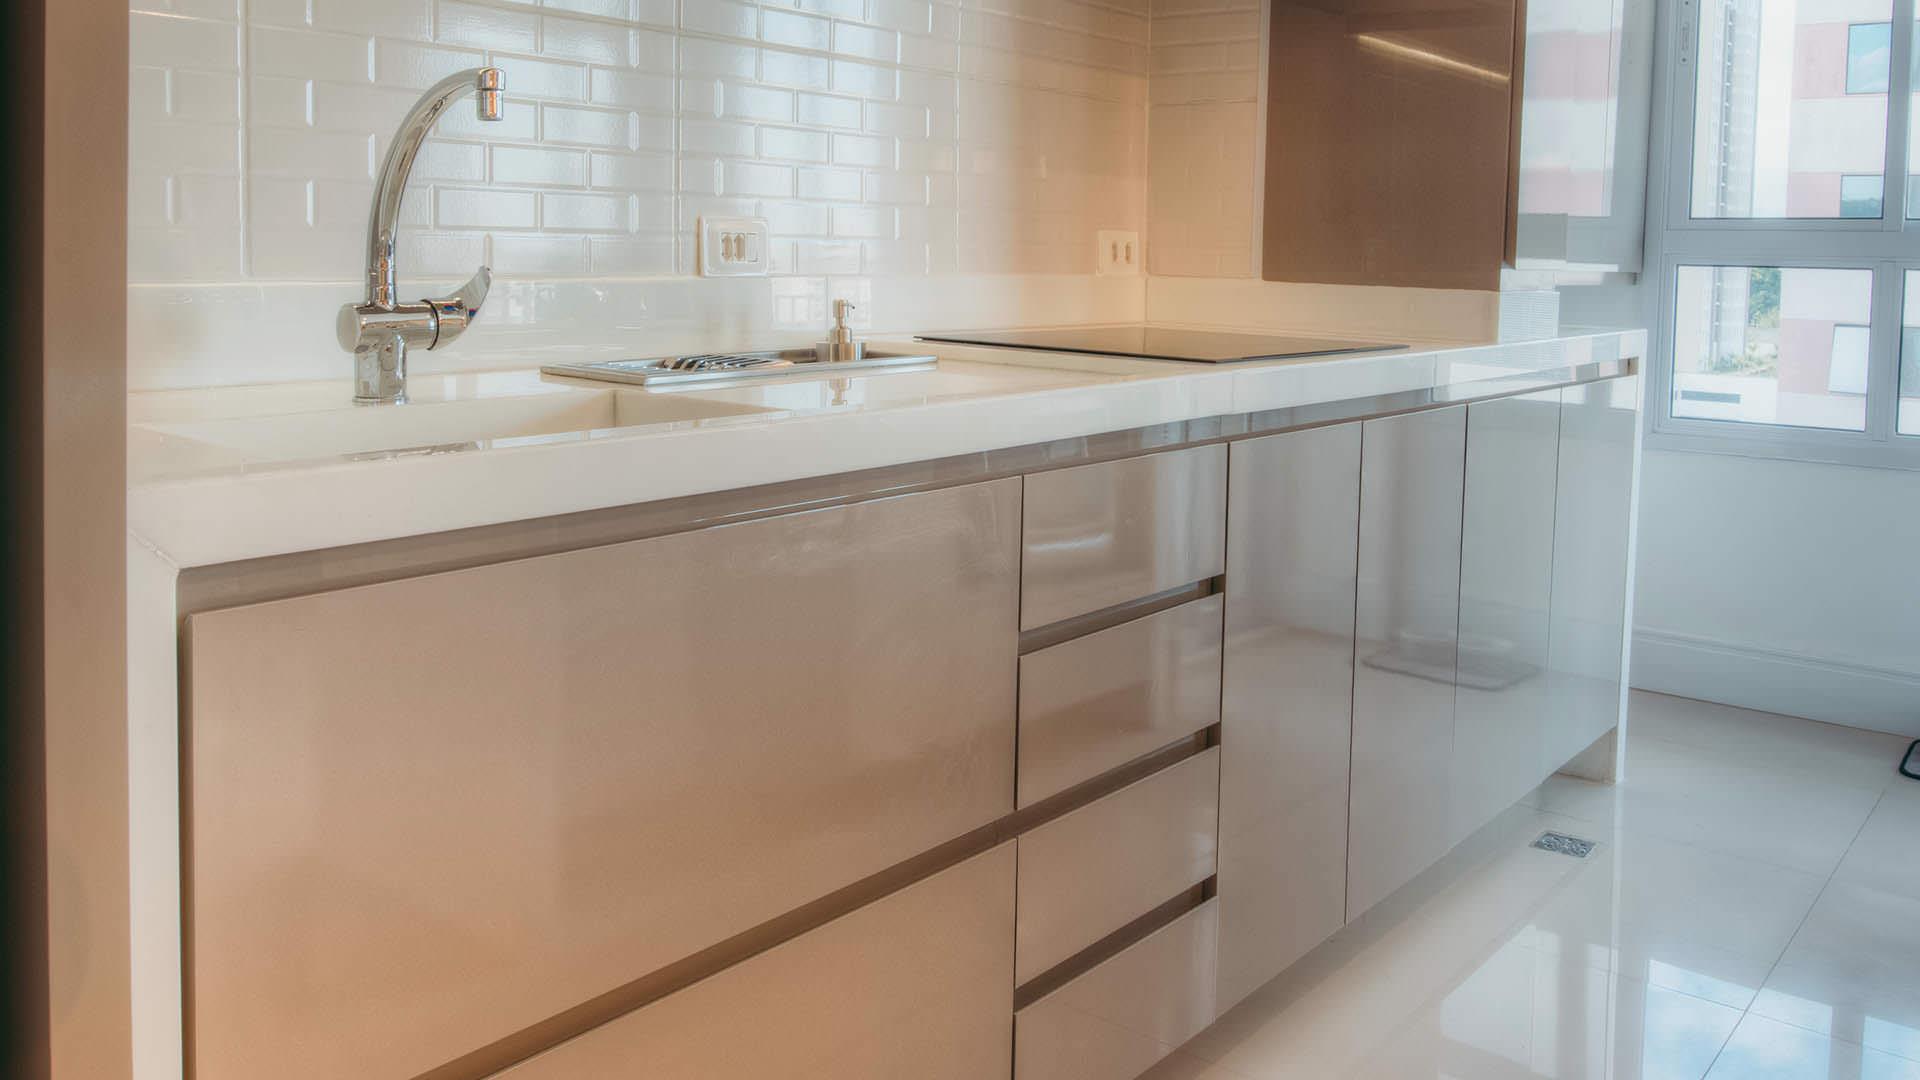 cozinha planejada linha cristallo da duratex cor gianduia